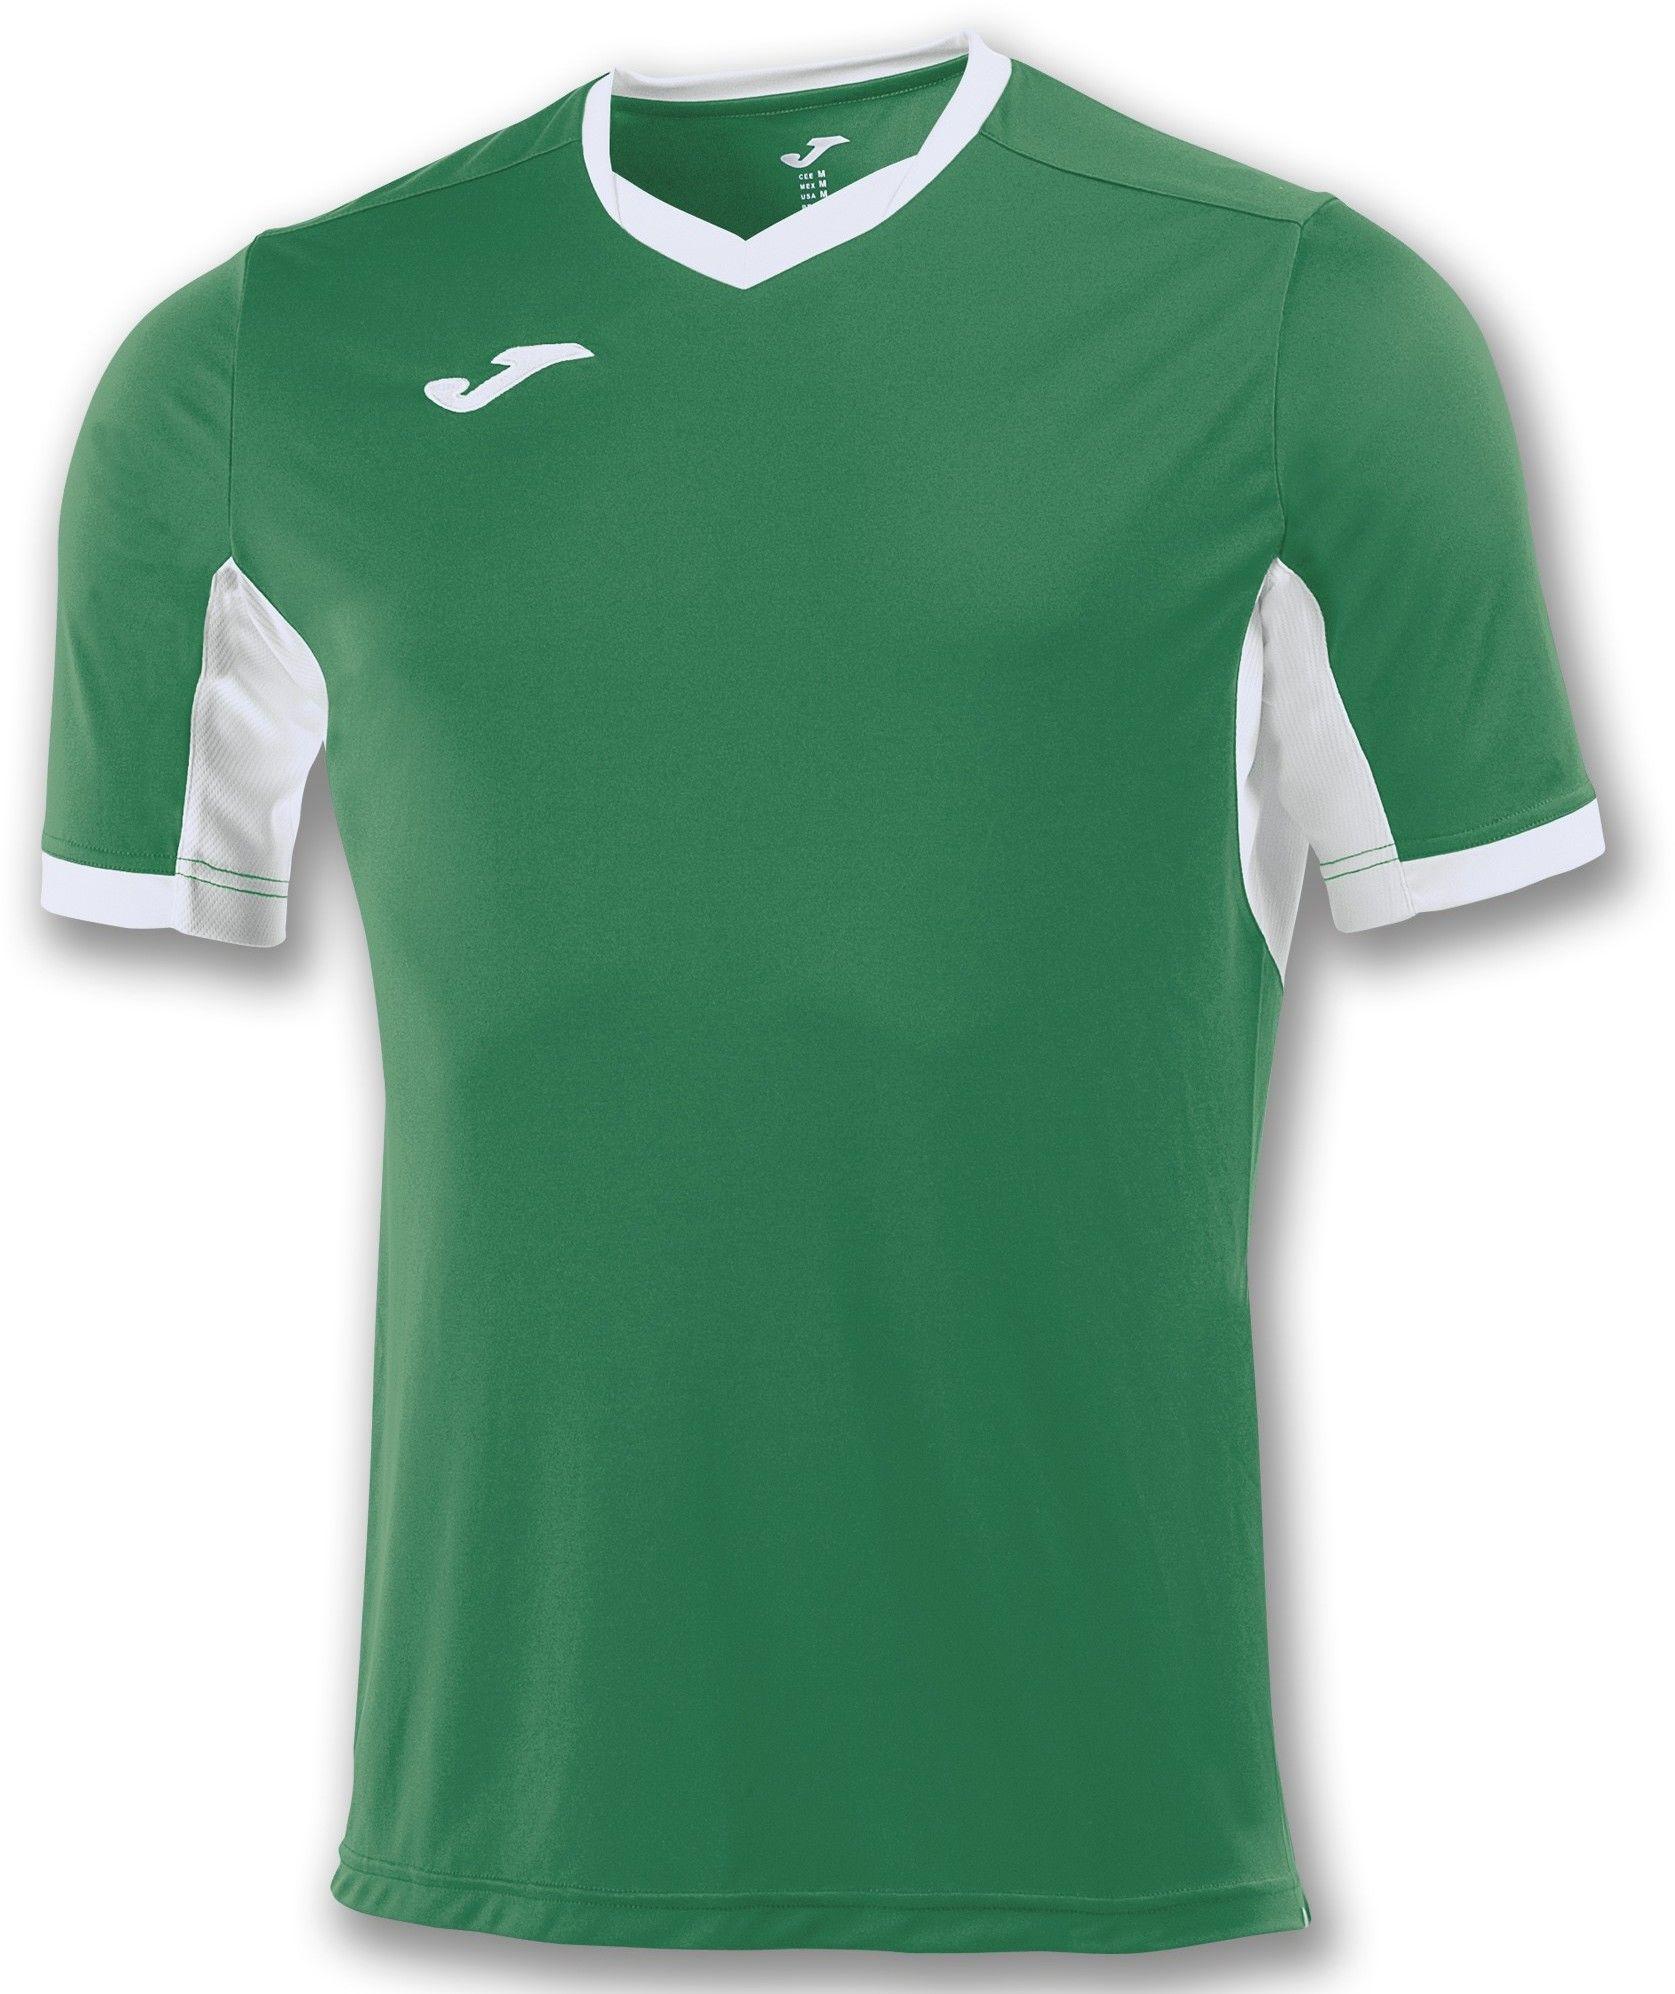 Koszulka Joma Champion IV green medium/white (10 szt.)